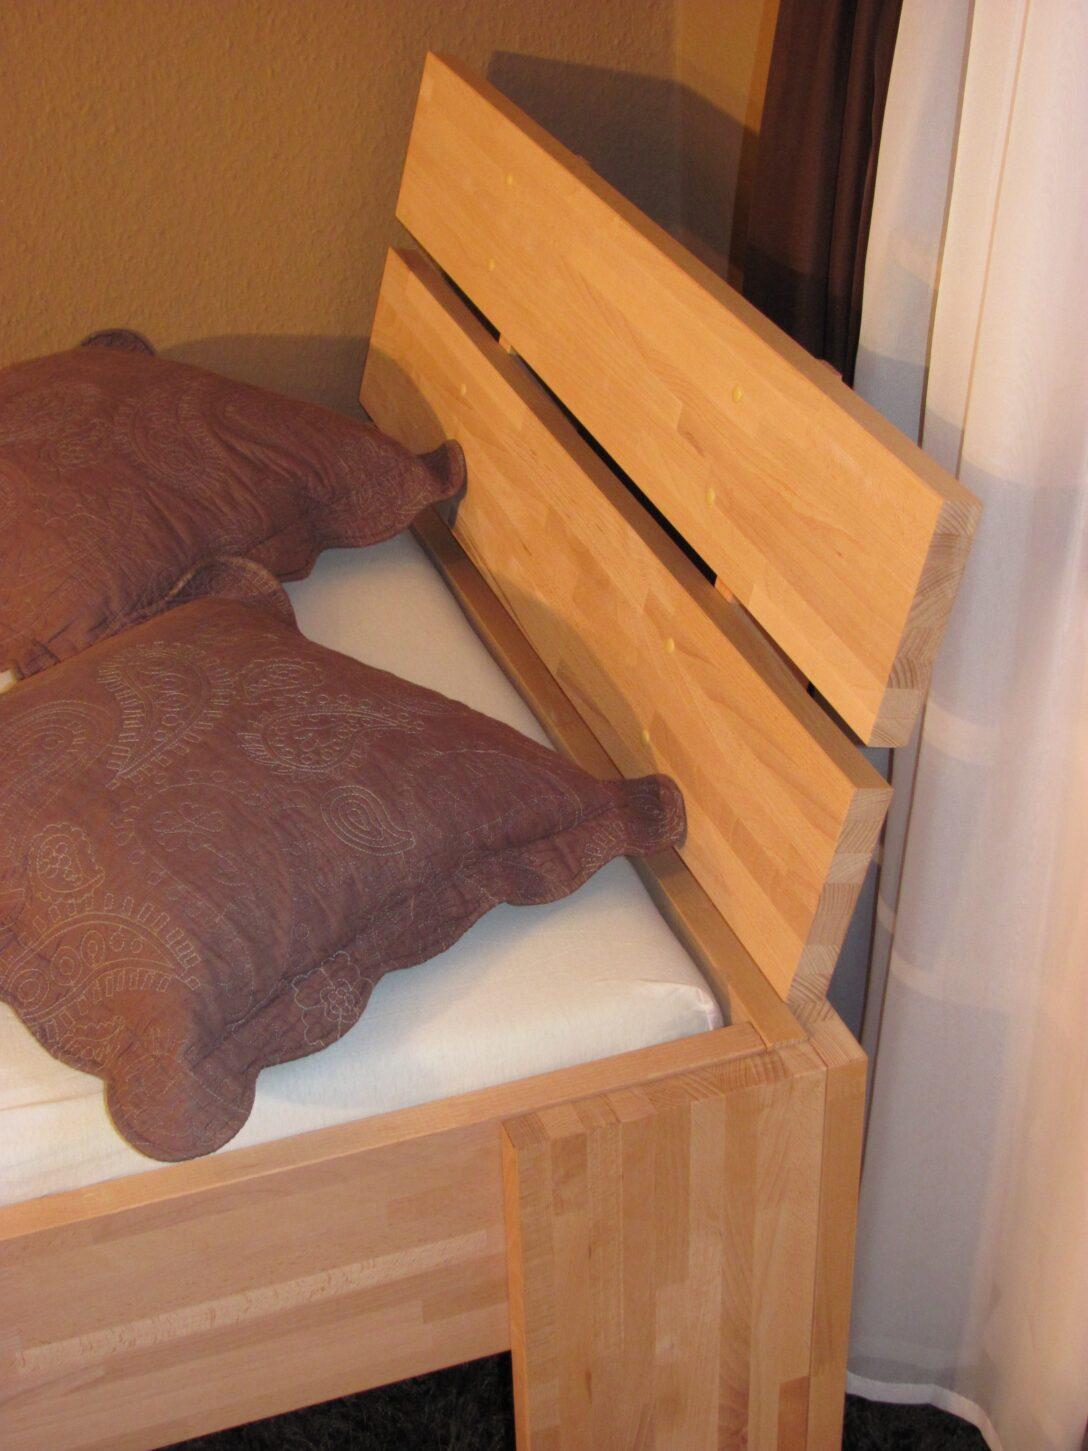 Large Size of Bett 1 20 Breit 27mm Massivholzbett Einzelbett Doppelbett Mit Fuss I 140 200x180 160x200 Lattenrost Und Matratze 140x200 Poco Chesterfield 180x200 Komplett Wohnzimmer Bett 1 20 Breit